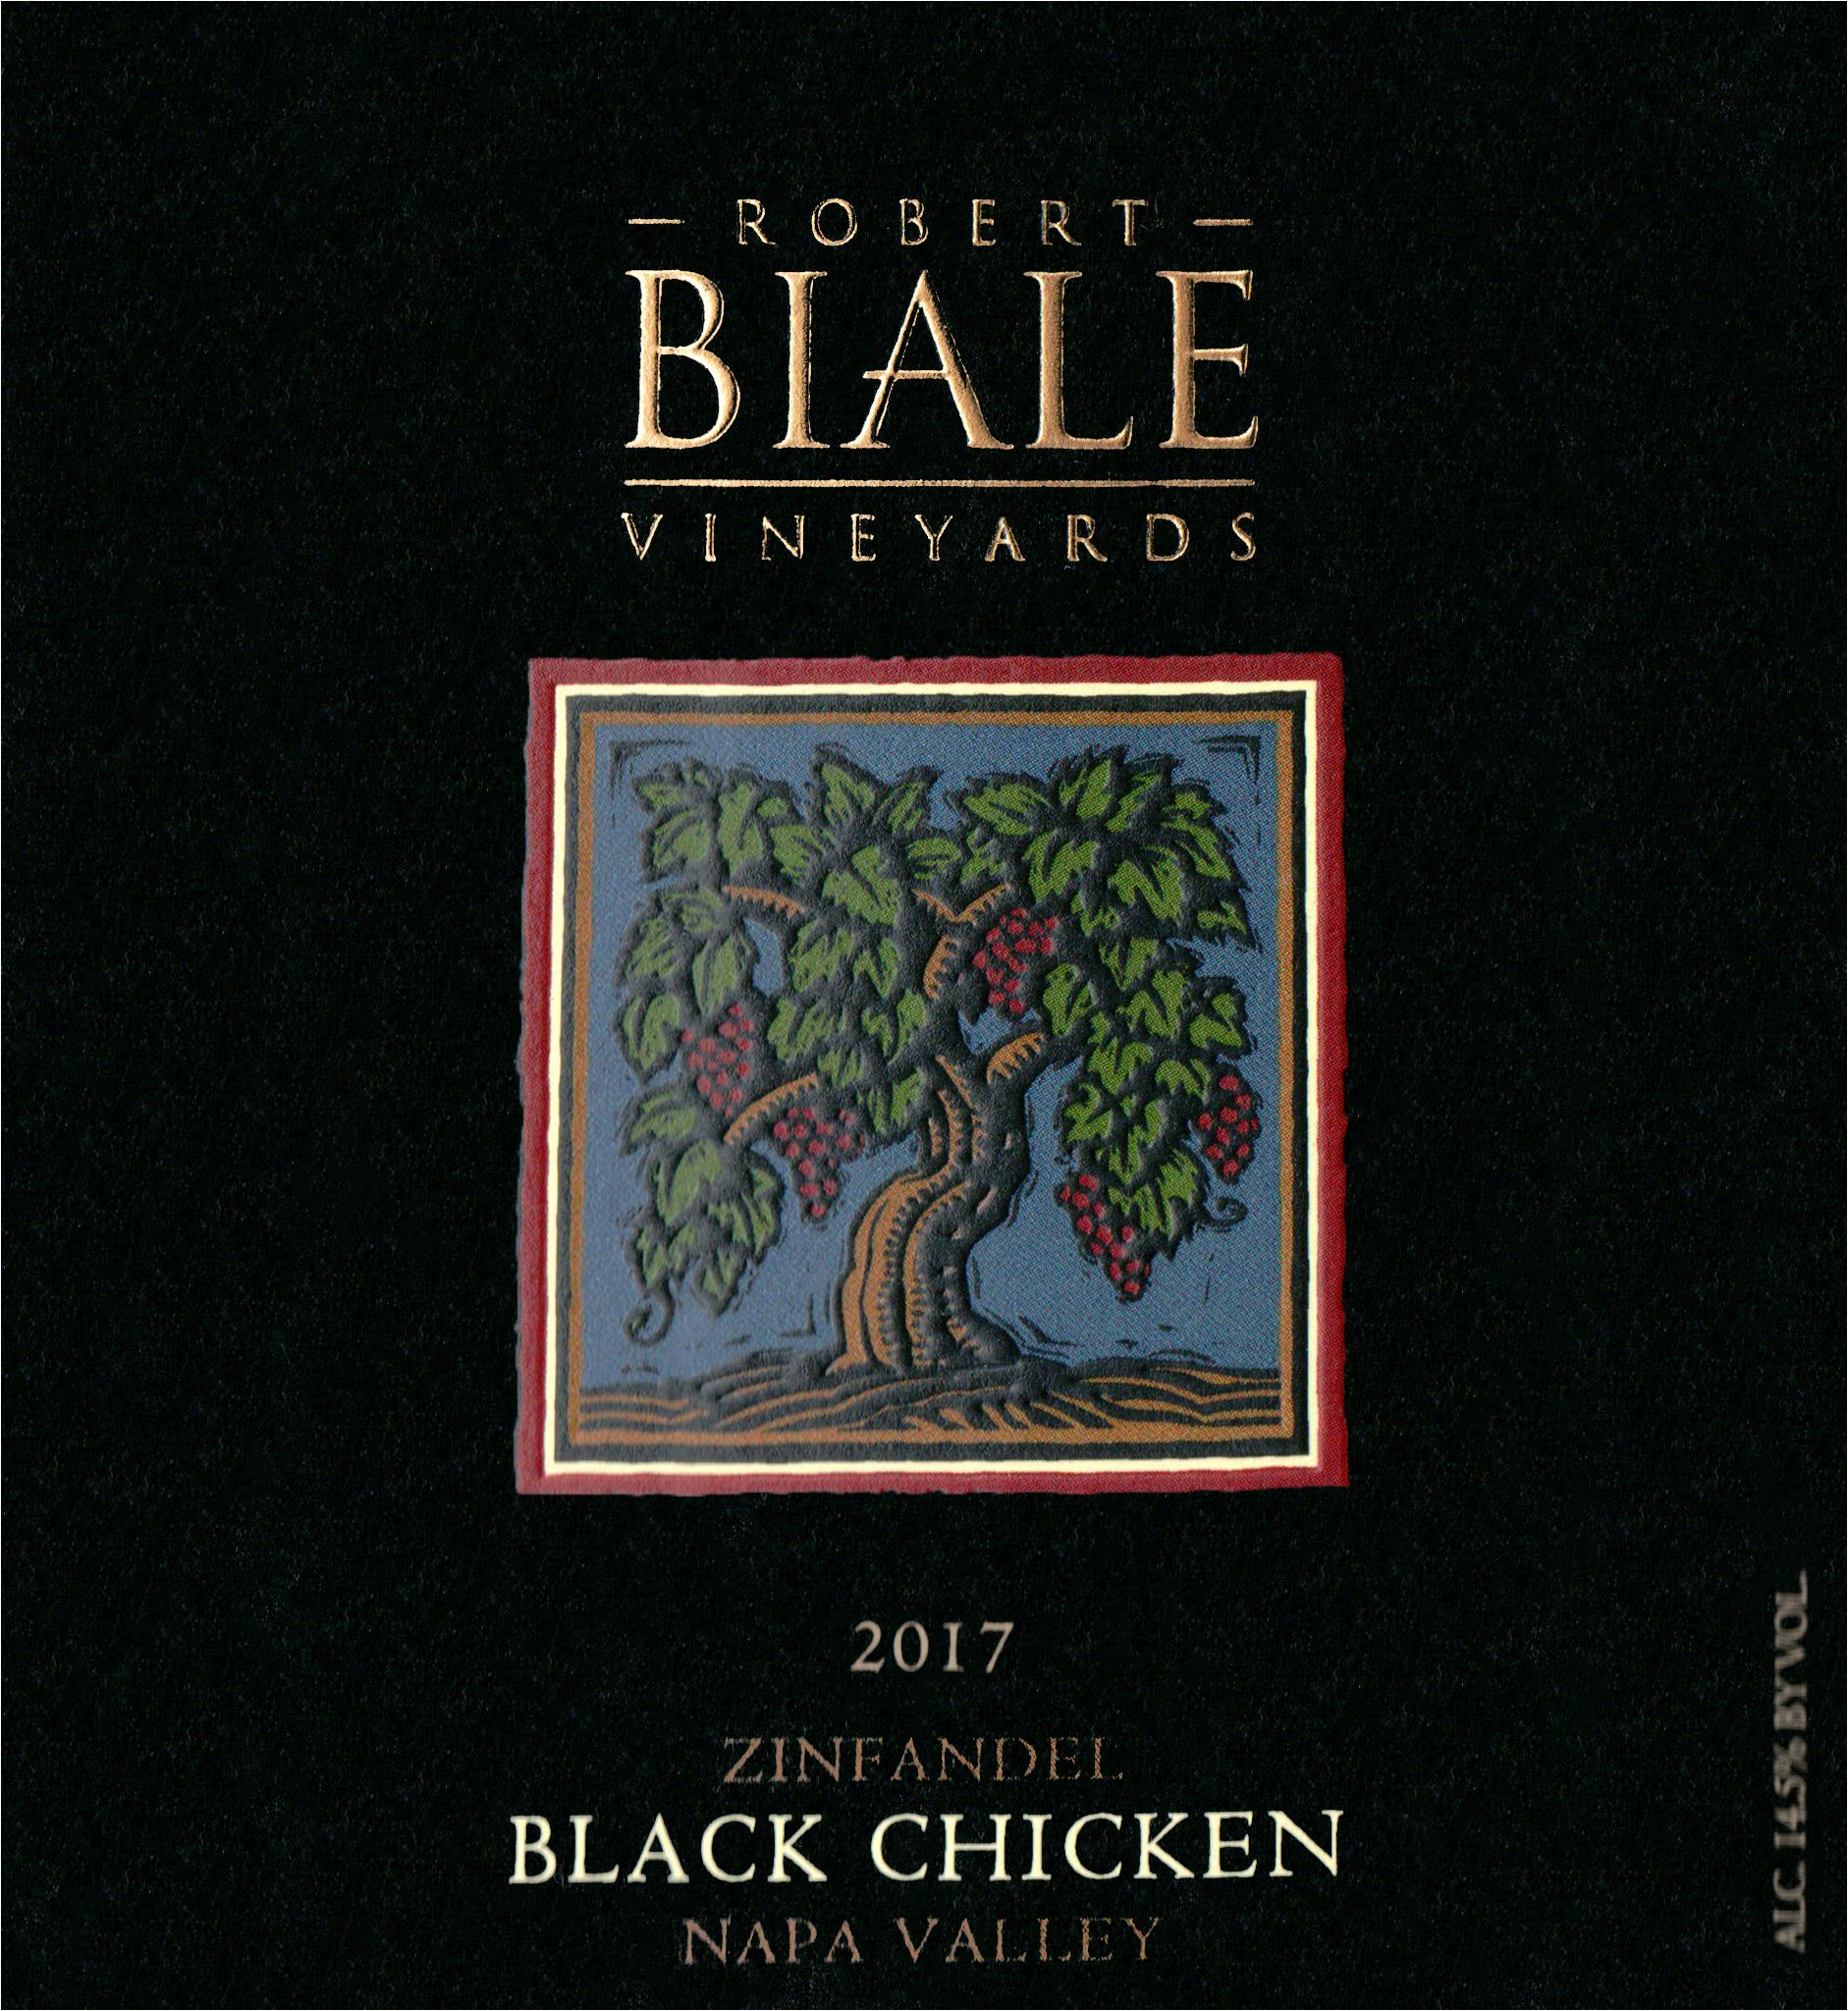 Robert Biale Black Chicken Zinfandel 2017